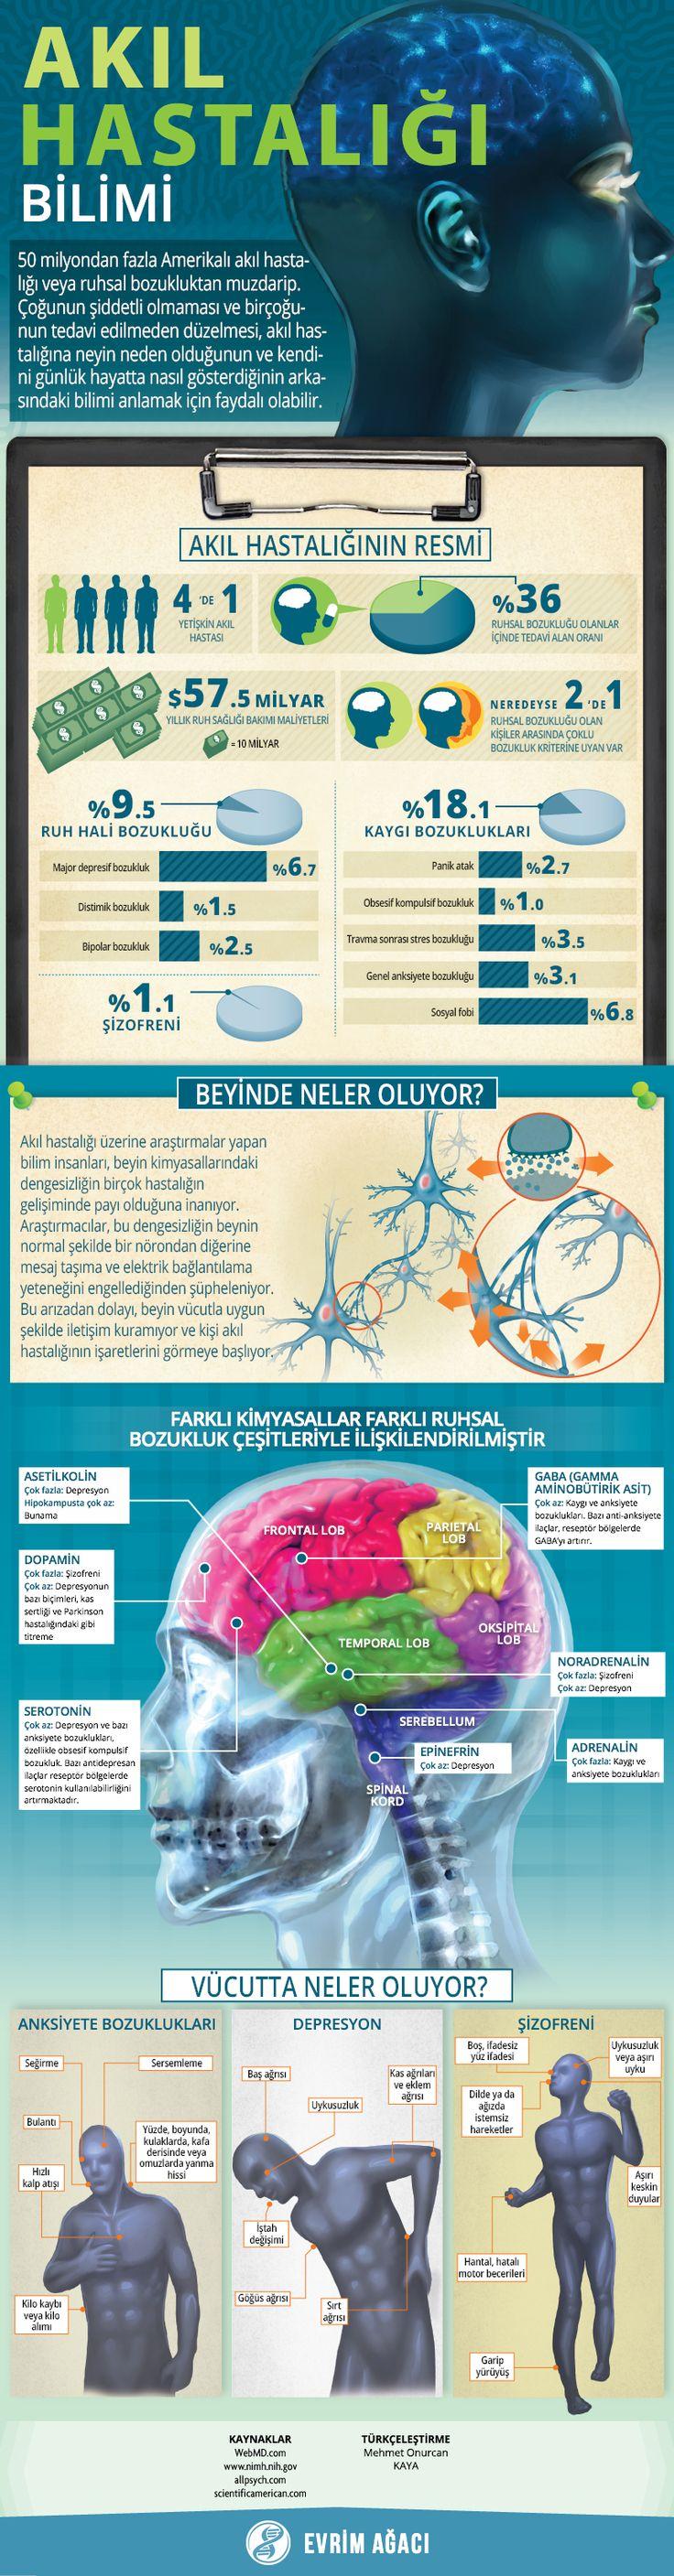 Psikiyatri: Akıl Hastalıklarının Bilimi – Evrim Ağacı